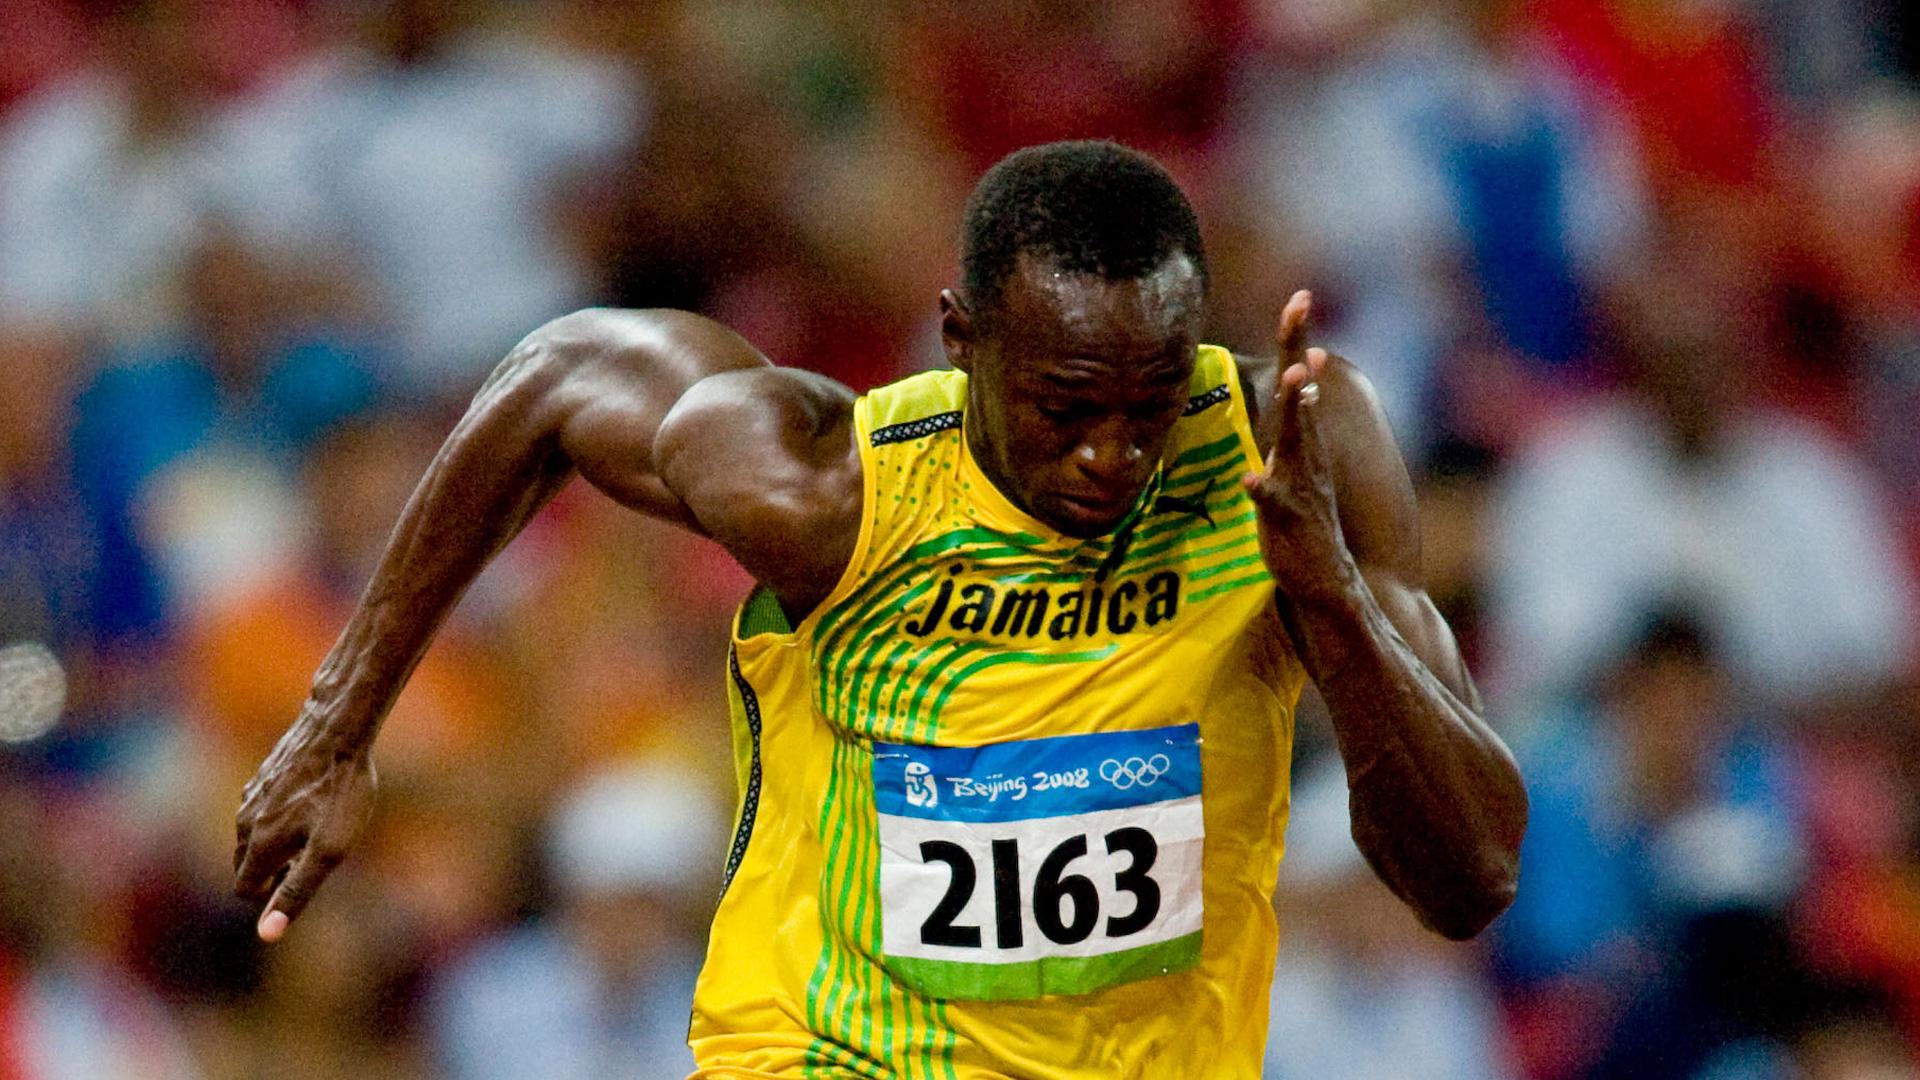 Usain Bolt hero